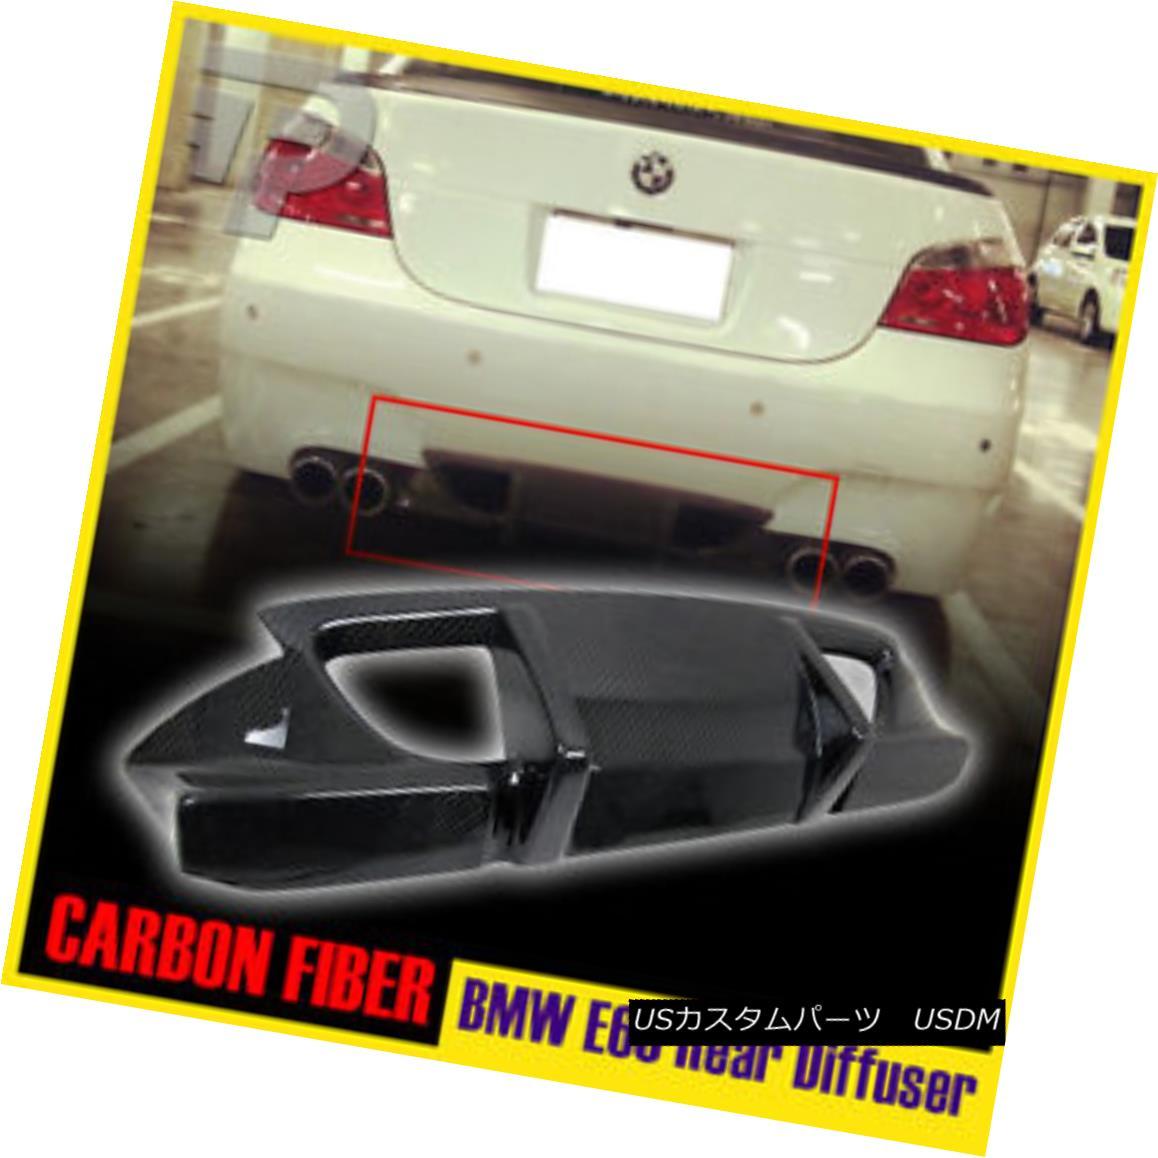 エアロパーツ 06-10 Carbon Fiber BMW 5-SERIES E60 4DR SEDAN M5 Model Rear Bumper Diffuser 06-10カーボンファイバーBMW 5シリーズE60 4DRセダンM5モデルリアバンパーディフューザー